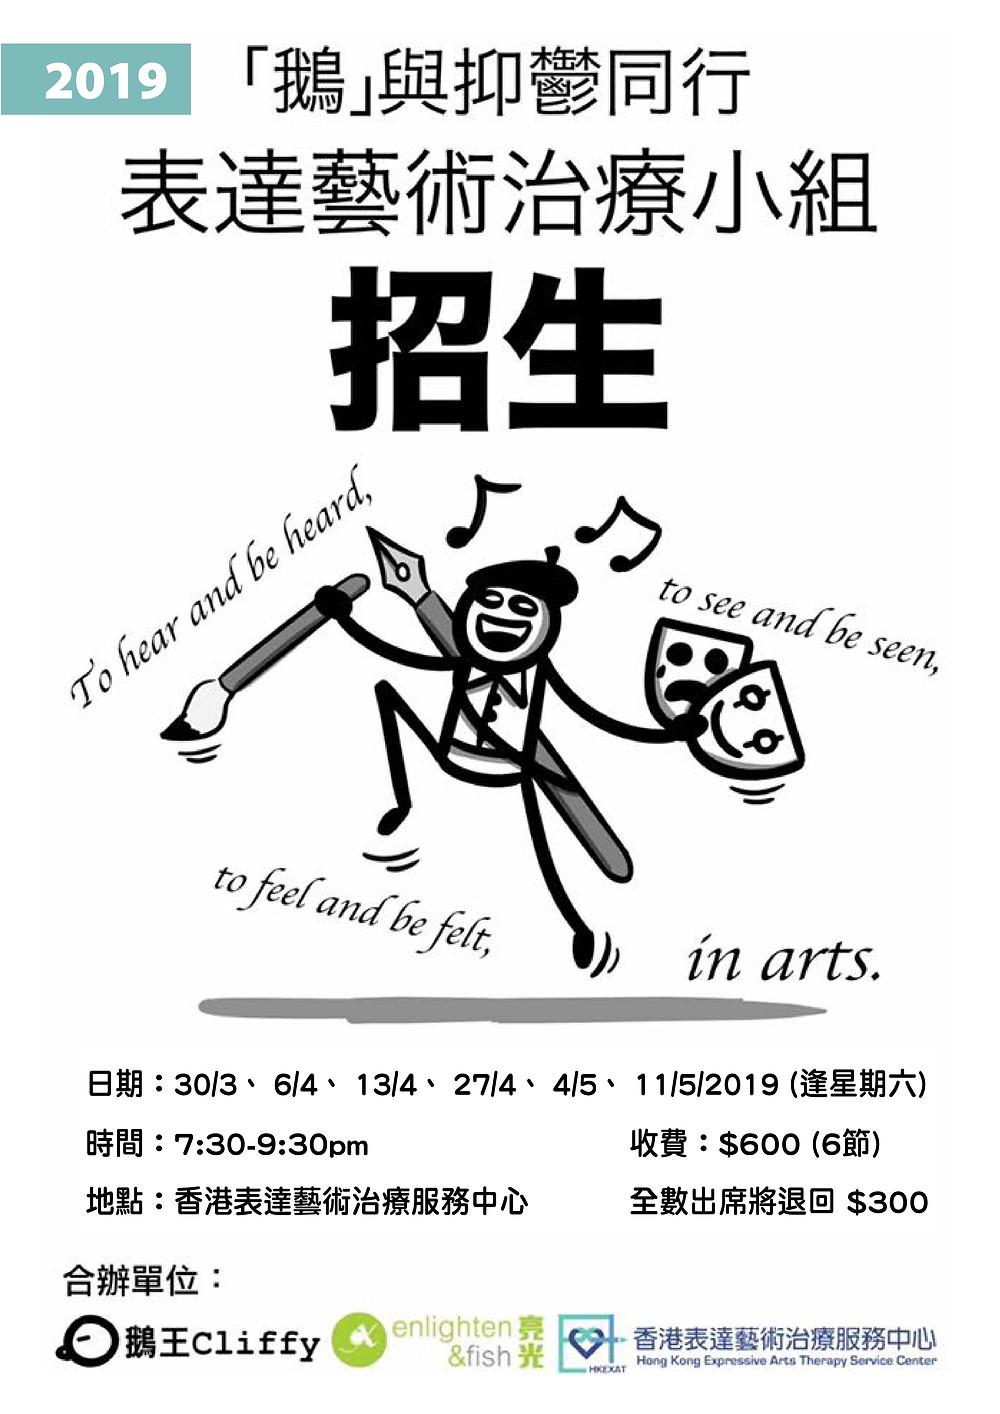 2019「鵝」與抑鬱同行:表達藝術治療小組 (香港表達藝術治療服務中心資助合作計劃)